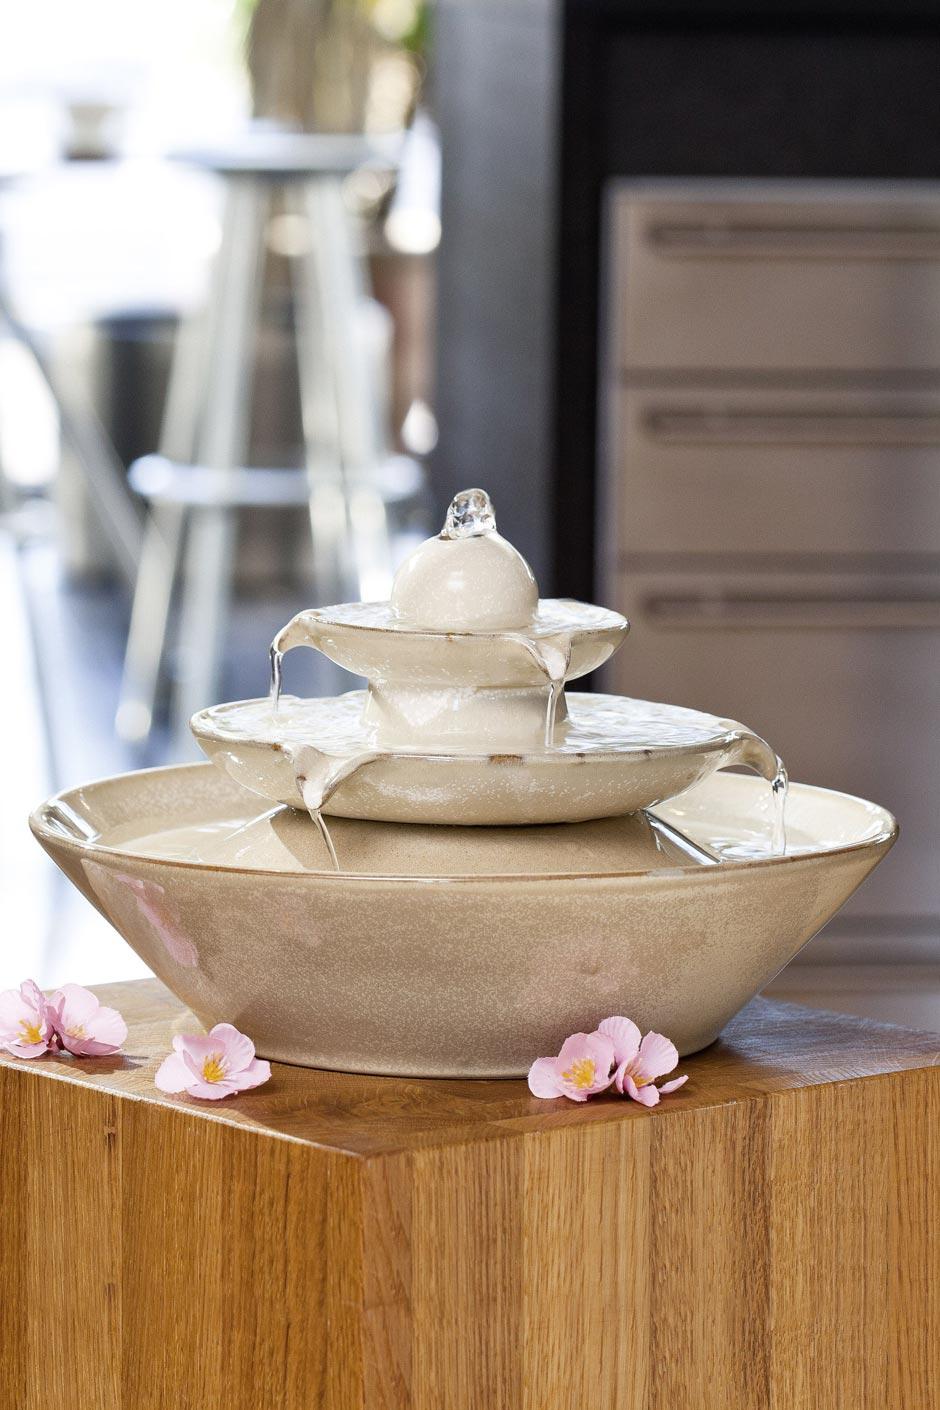 fontaine vasque en céramique beige  seliger spécialiste